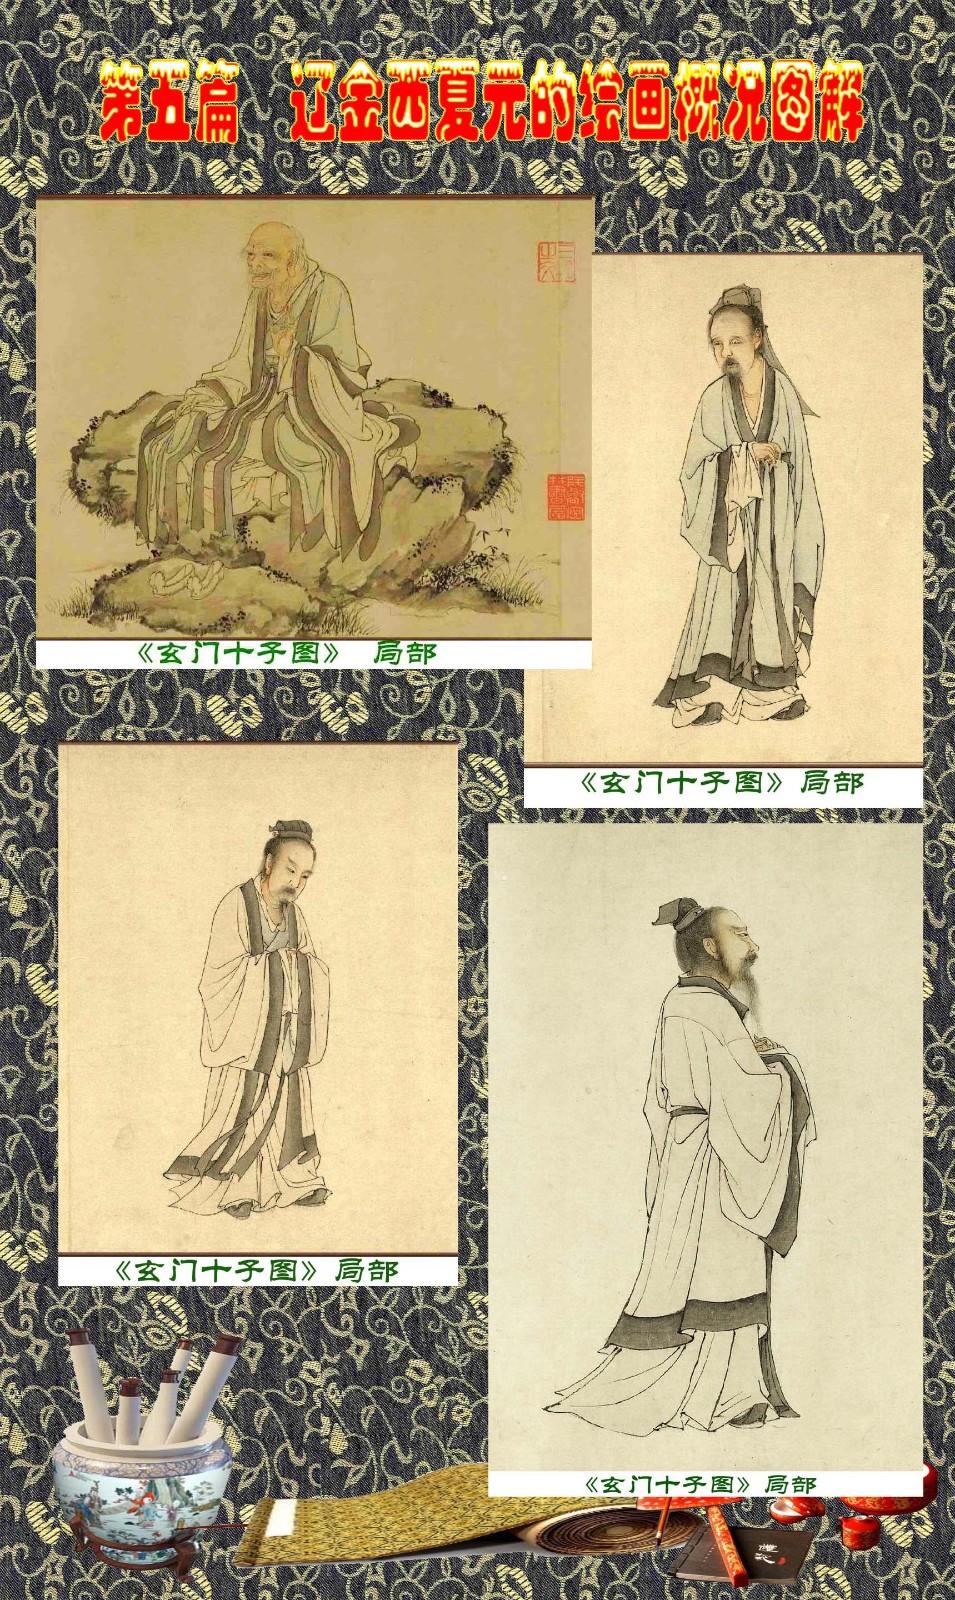 顾绍骅编辑 中国画知识普及版 第五篇 辽金西夏元的绘画概况 下 ... ..._图1-83